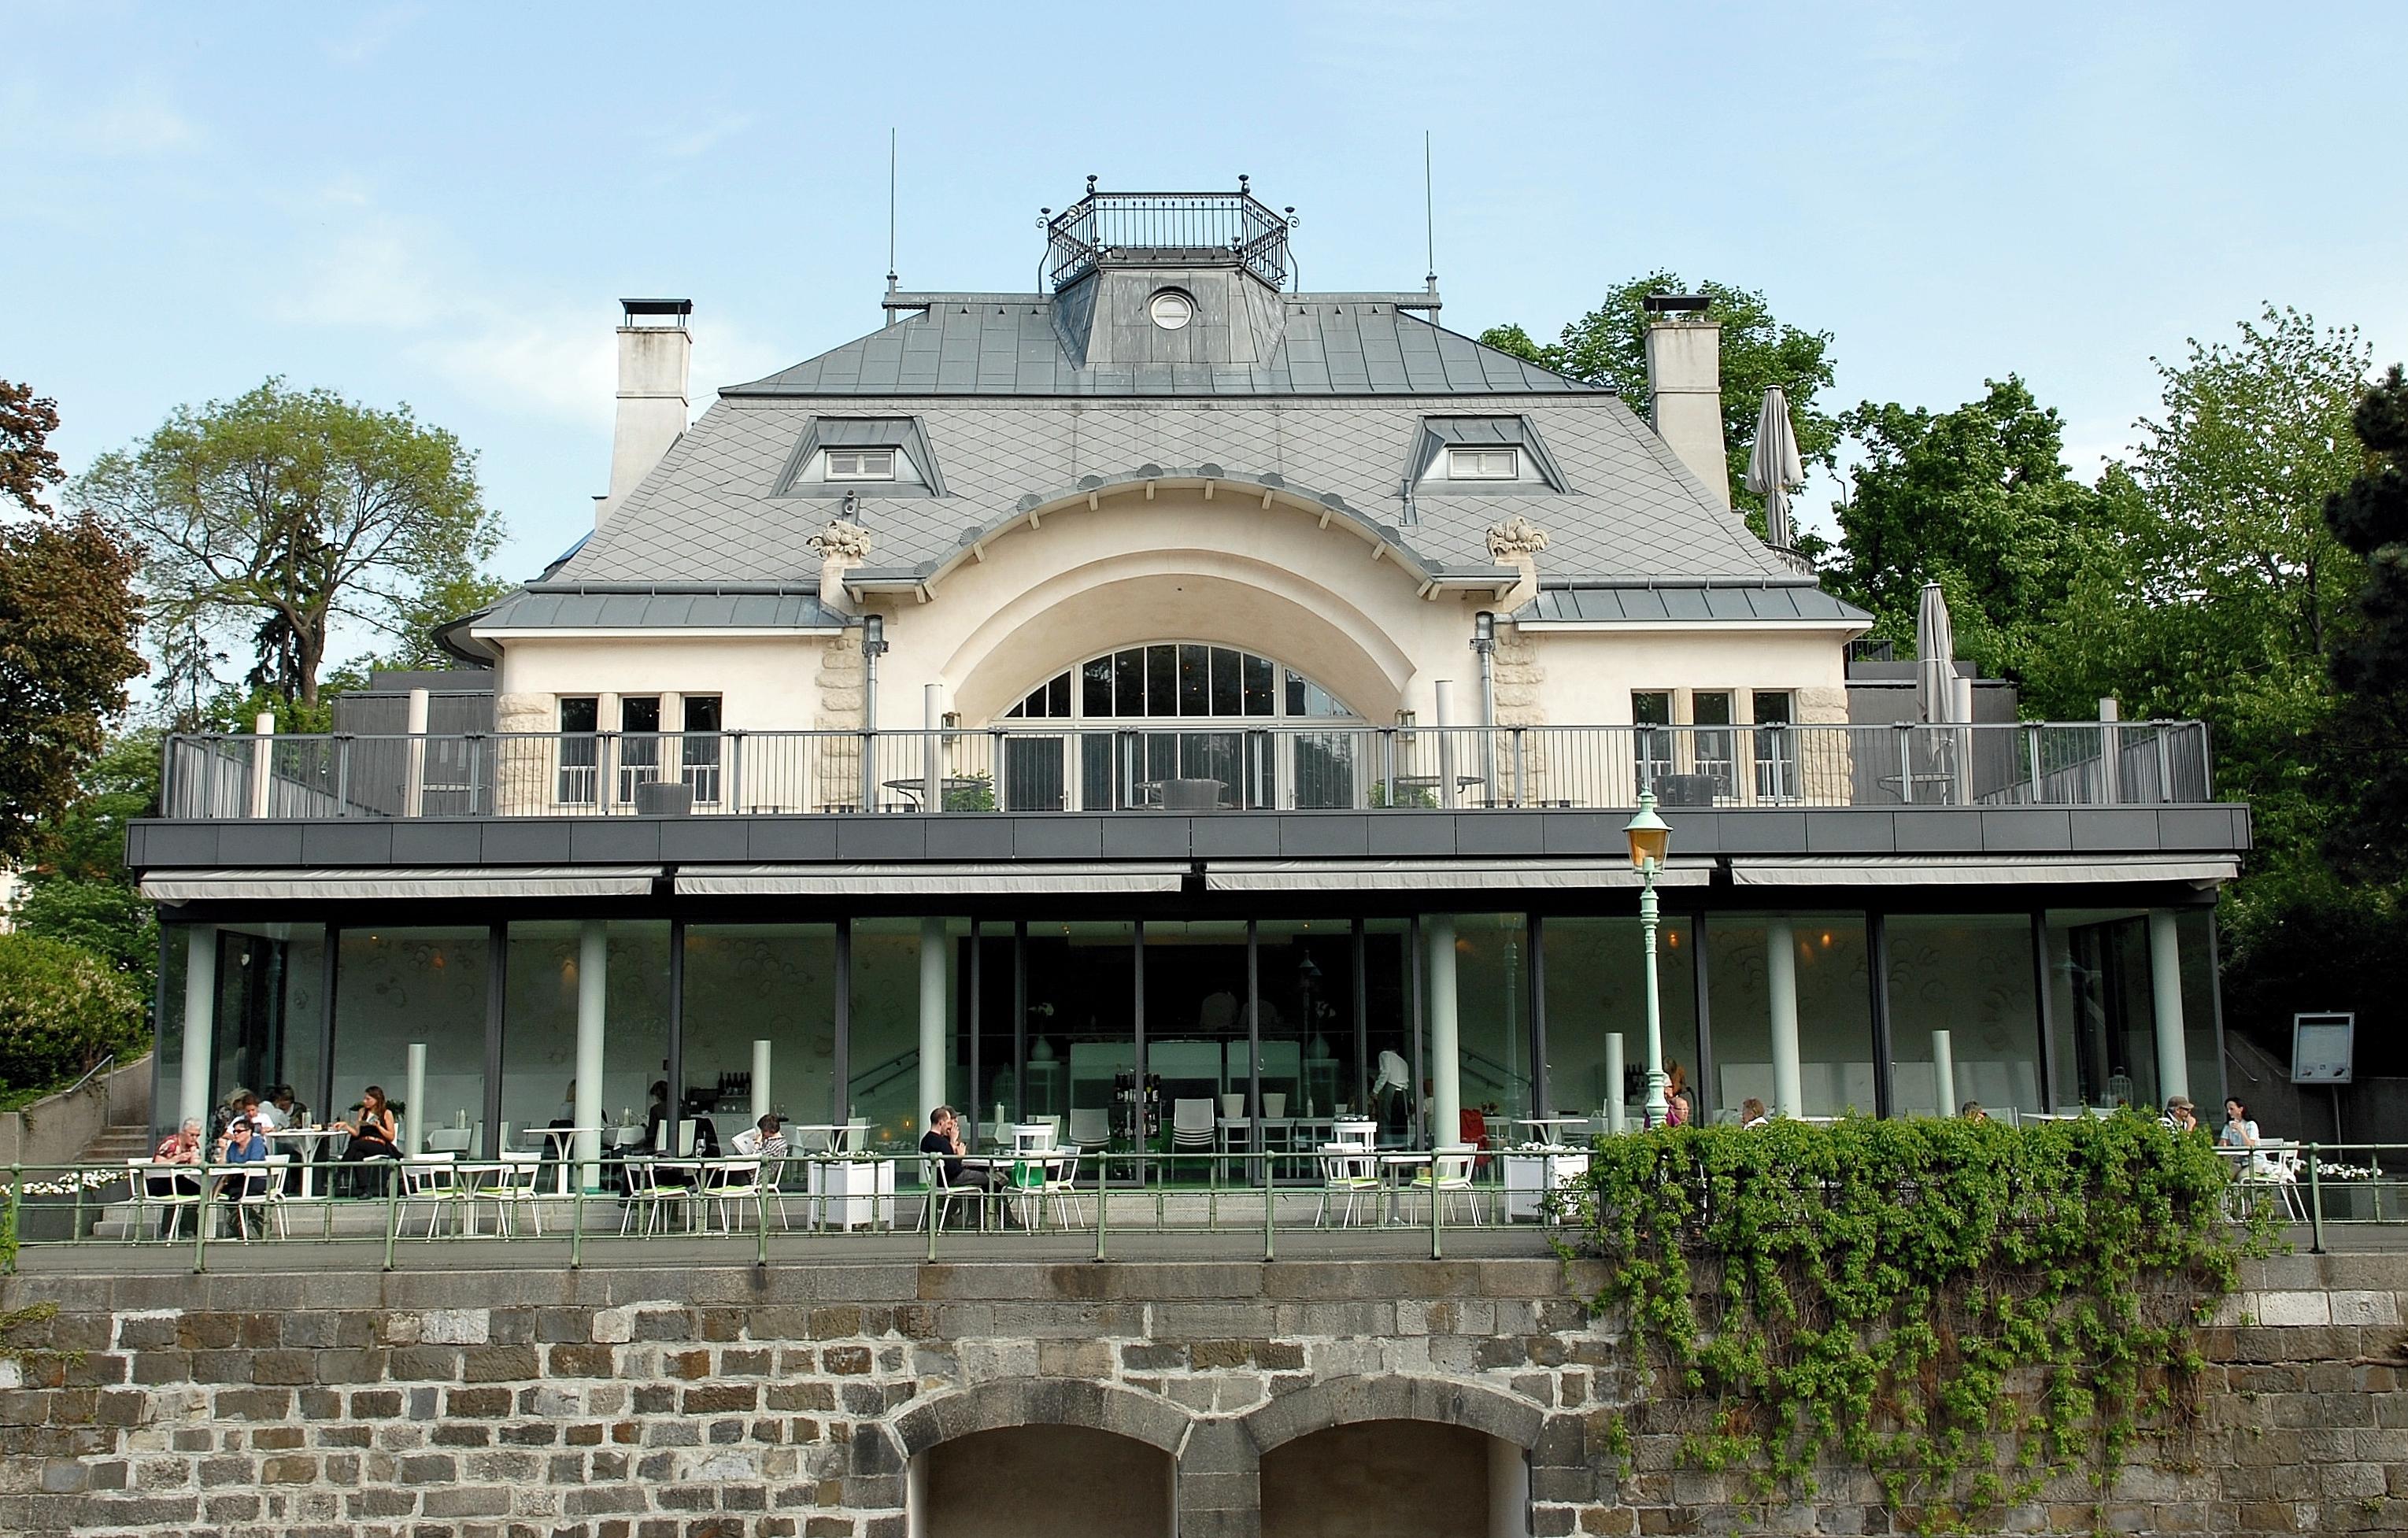 Restaurant In Der Umgebung Hotel Ibis M Ef Bf Bdnchen City West